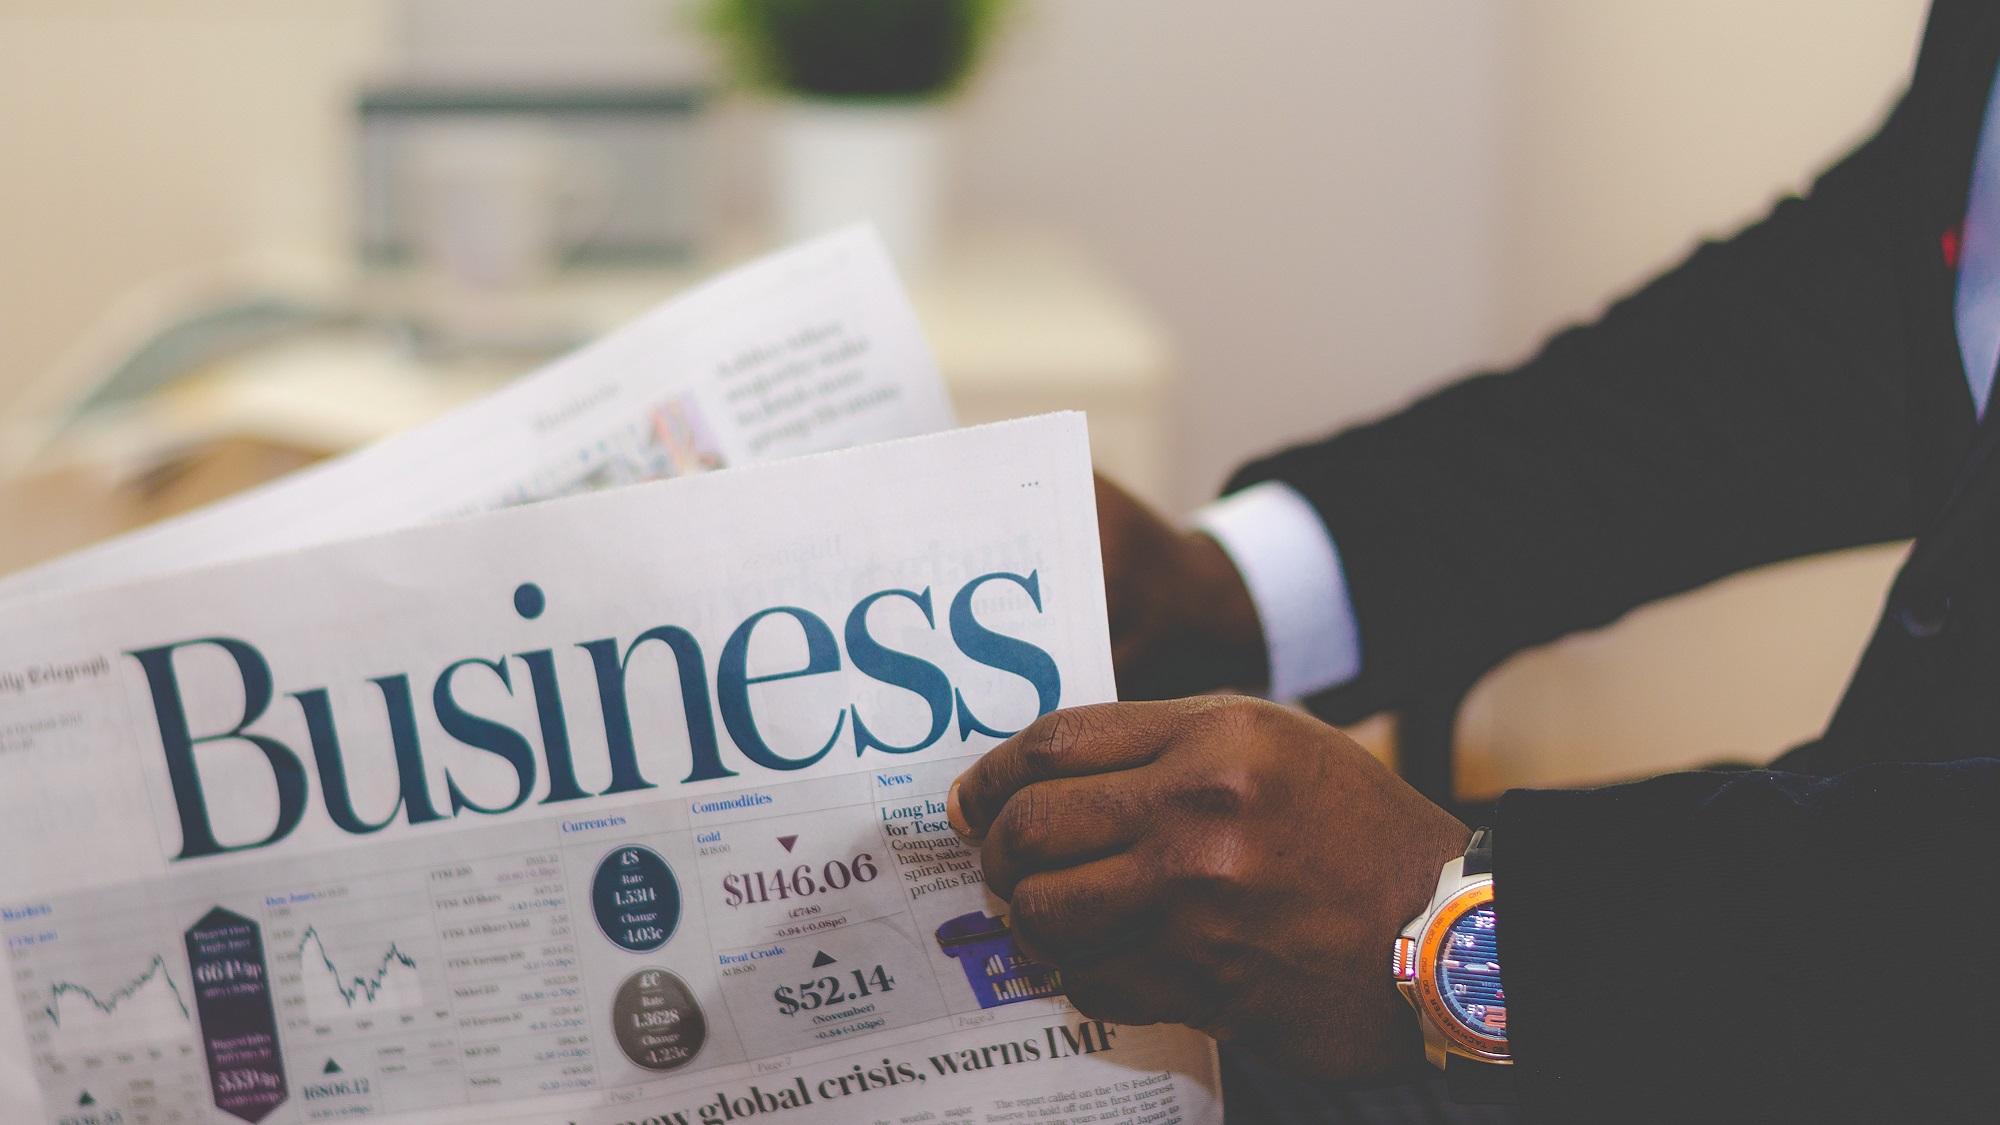 Mann in anzug liest Business Zeitung